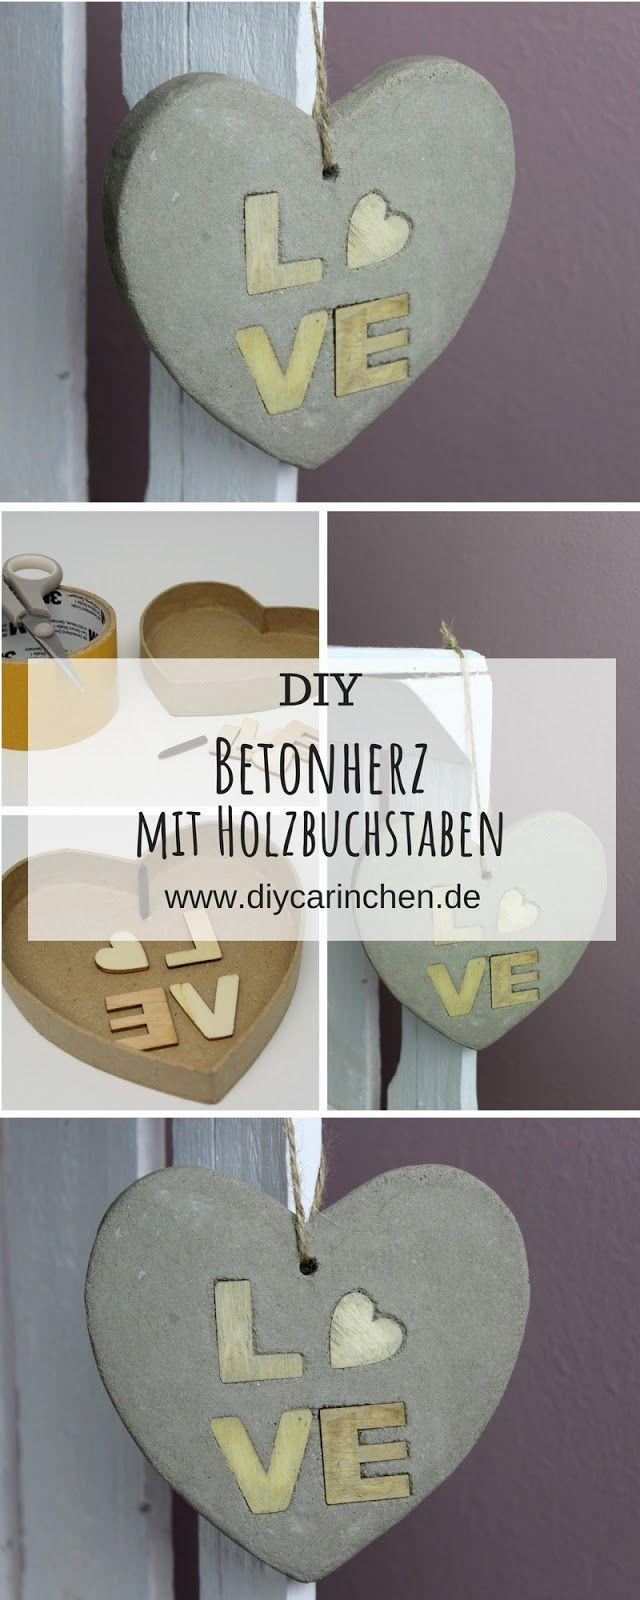 DIY Betonherz mit Holzbuchstaben LOVE selber machen – schöne Deko